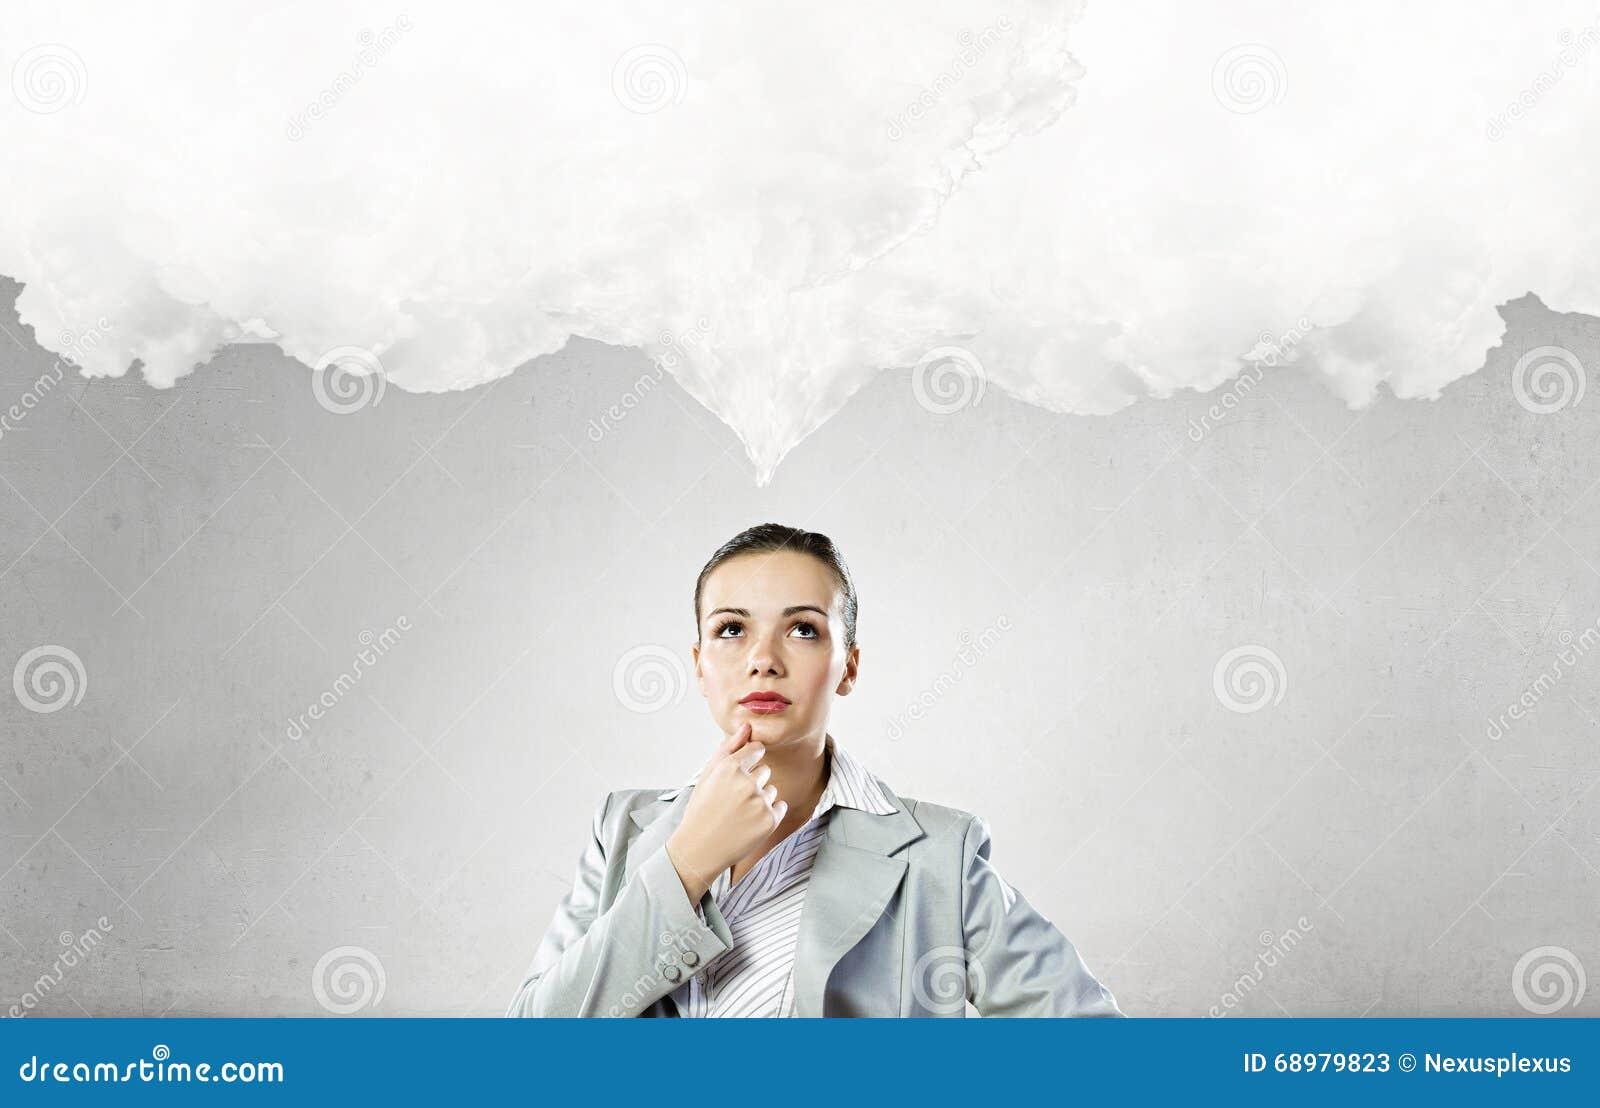 Σκεπτική γυναίκα και οι σκέψεις της